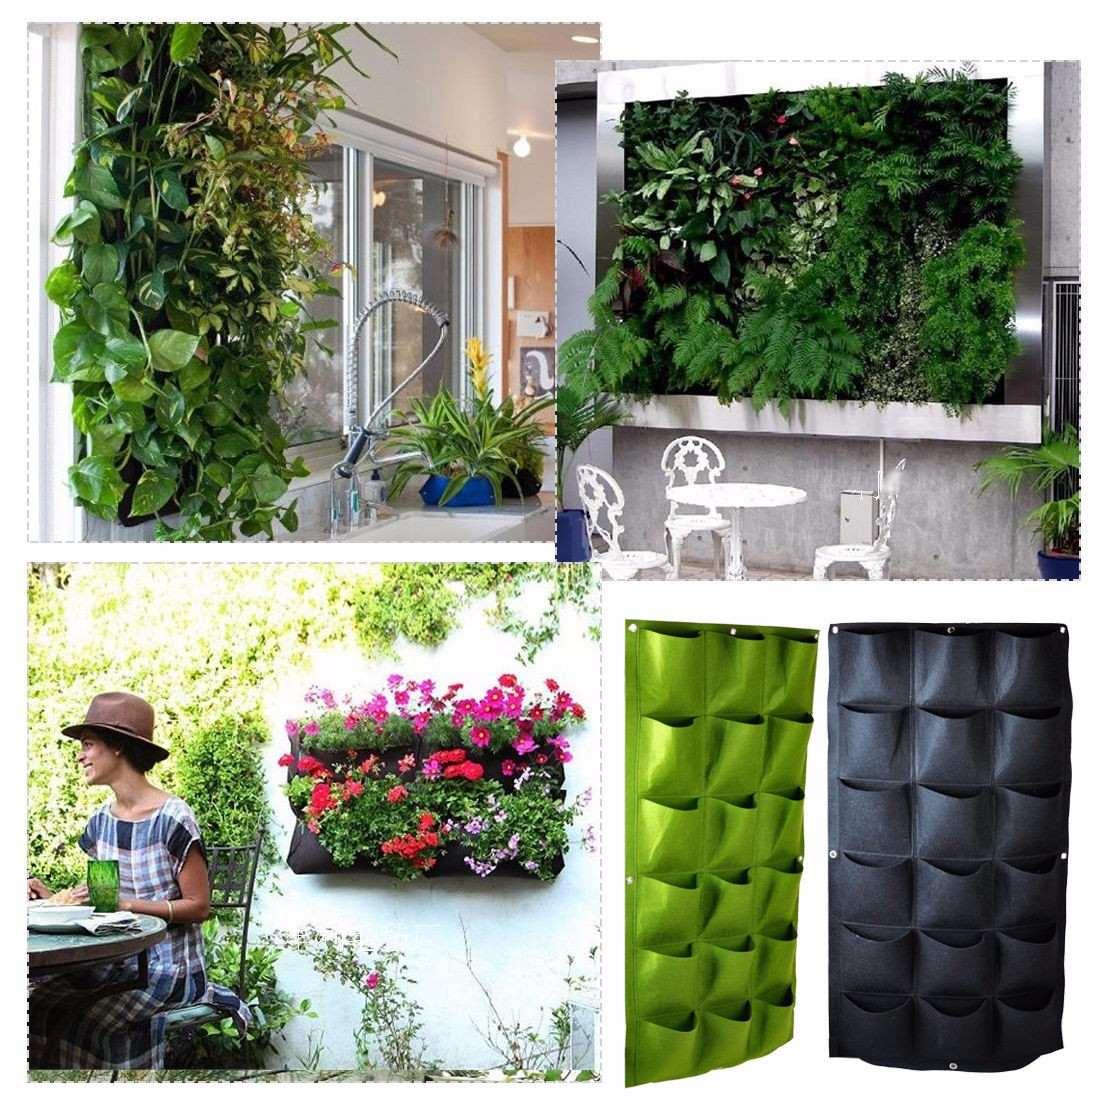 macetas para jard n vertical o muro verde de 18 bolsas On macetas jardin vertical